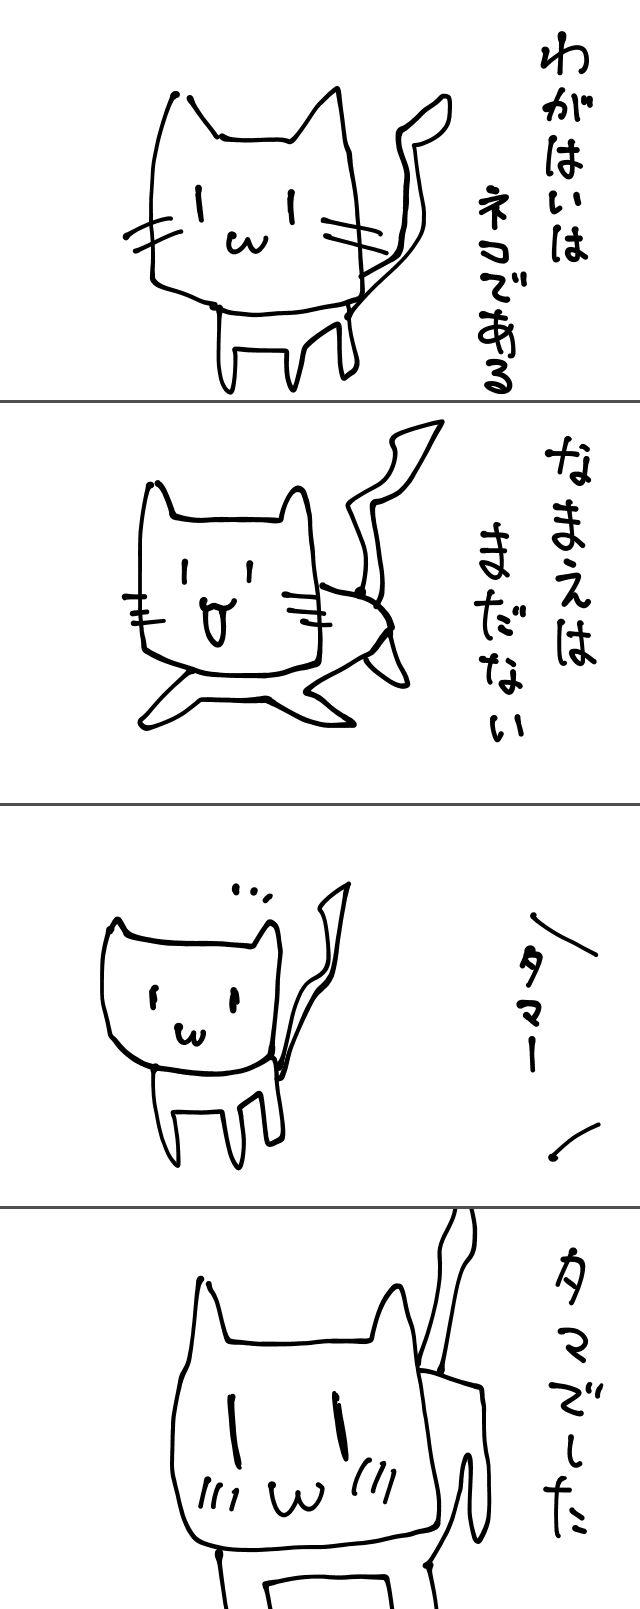 【猫おもしろ画像】猫おもしろ4コマ『わがはいはネコである』♪